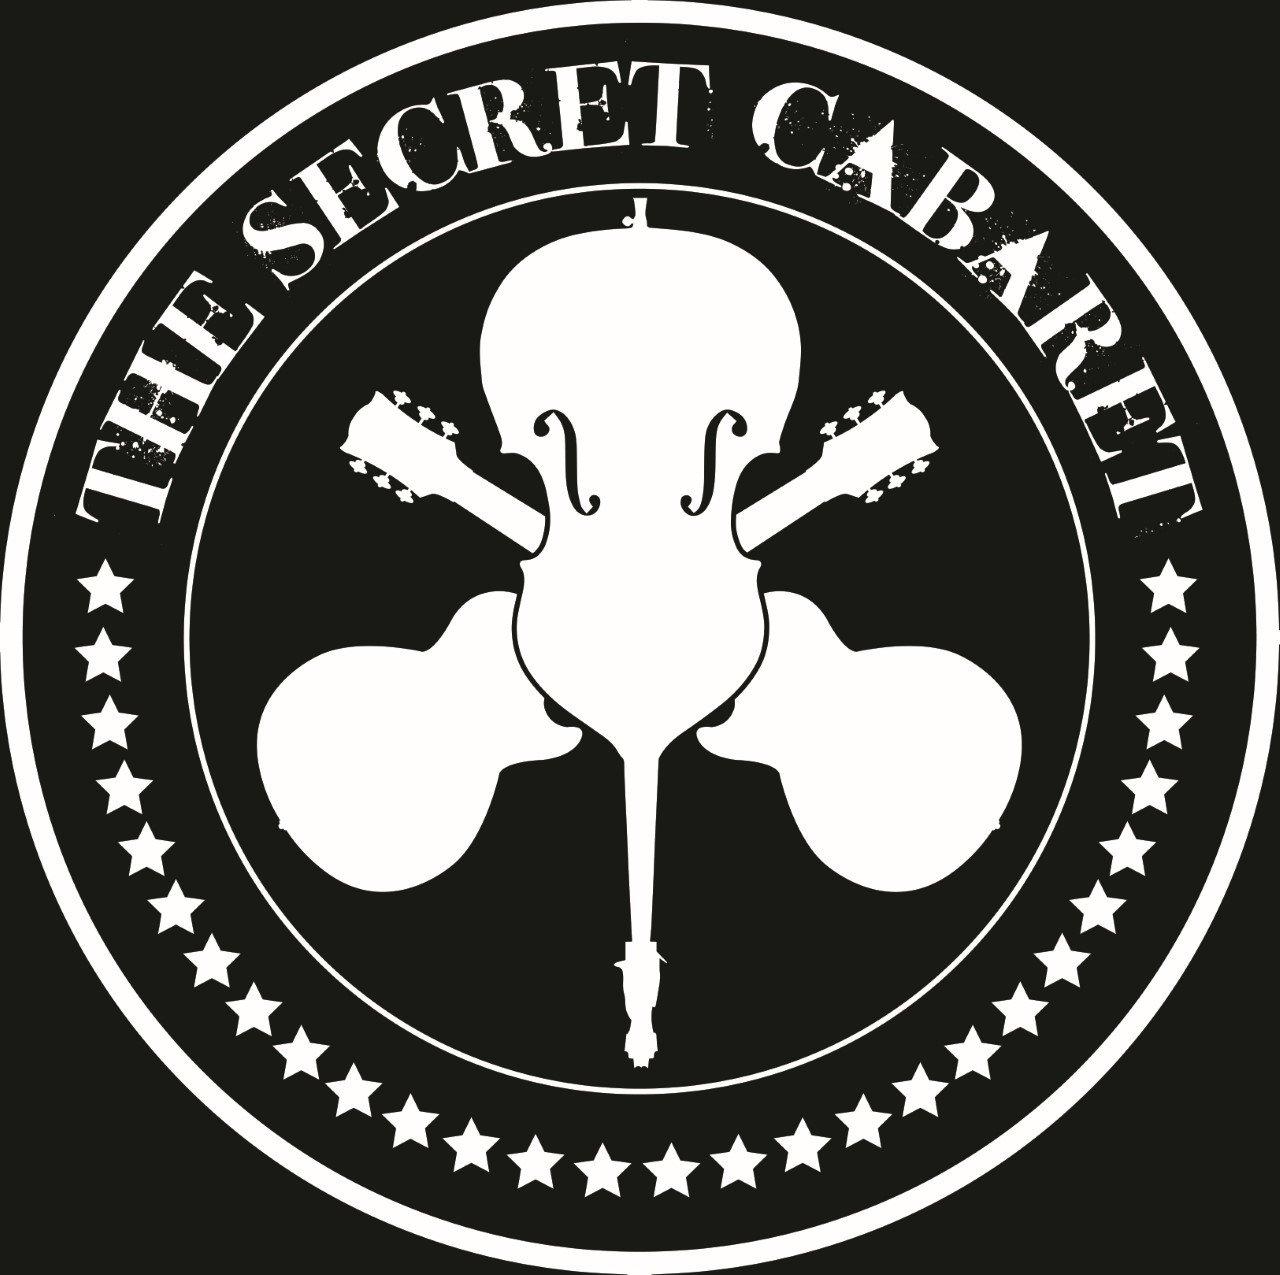 The Secret Cabaret - CD - 'The Black Album'